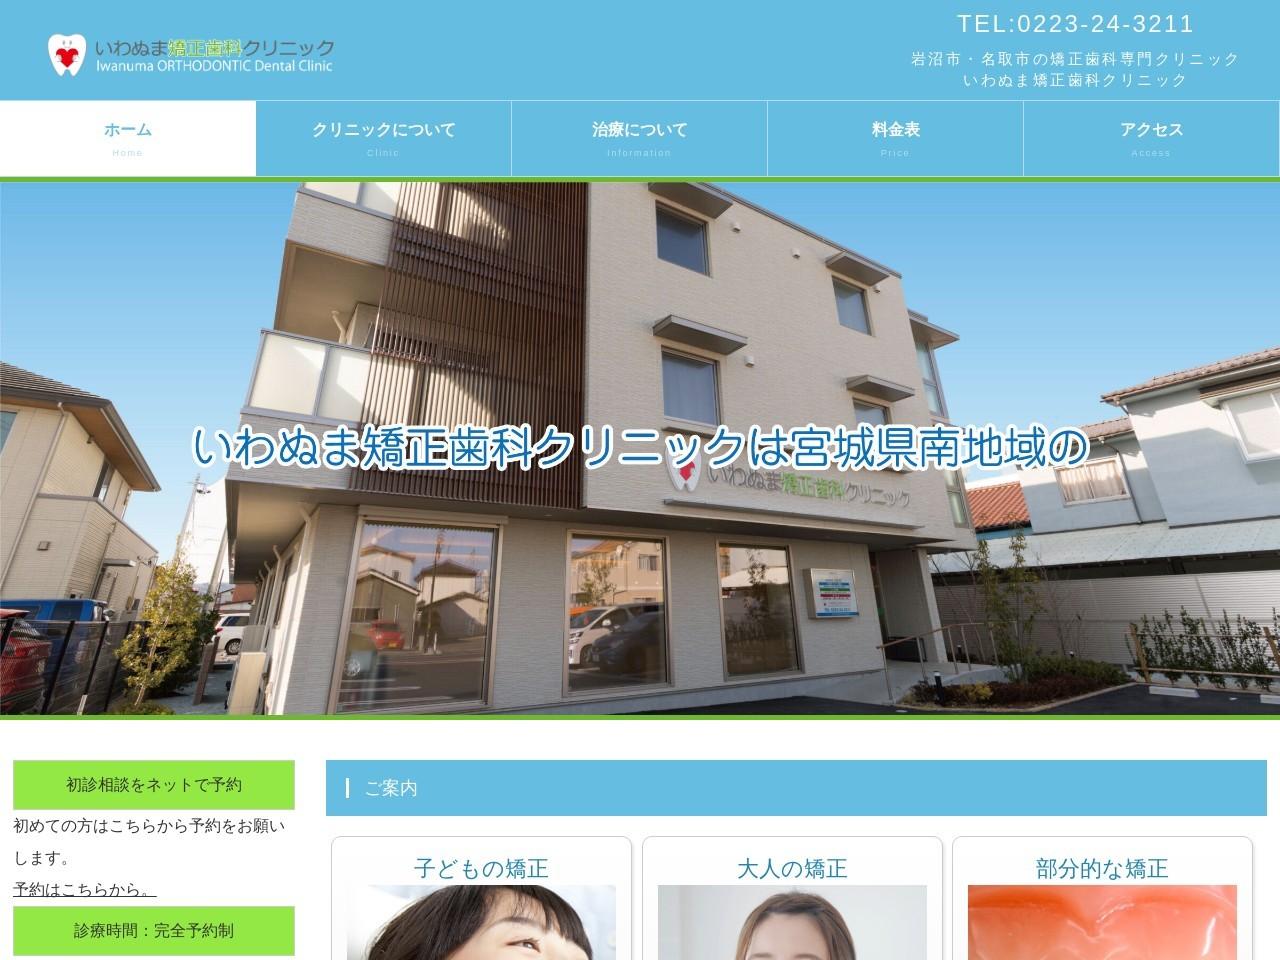 いわぬま矯正歯科クリニック (宮城県岩沼市)